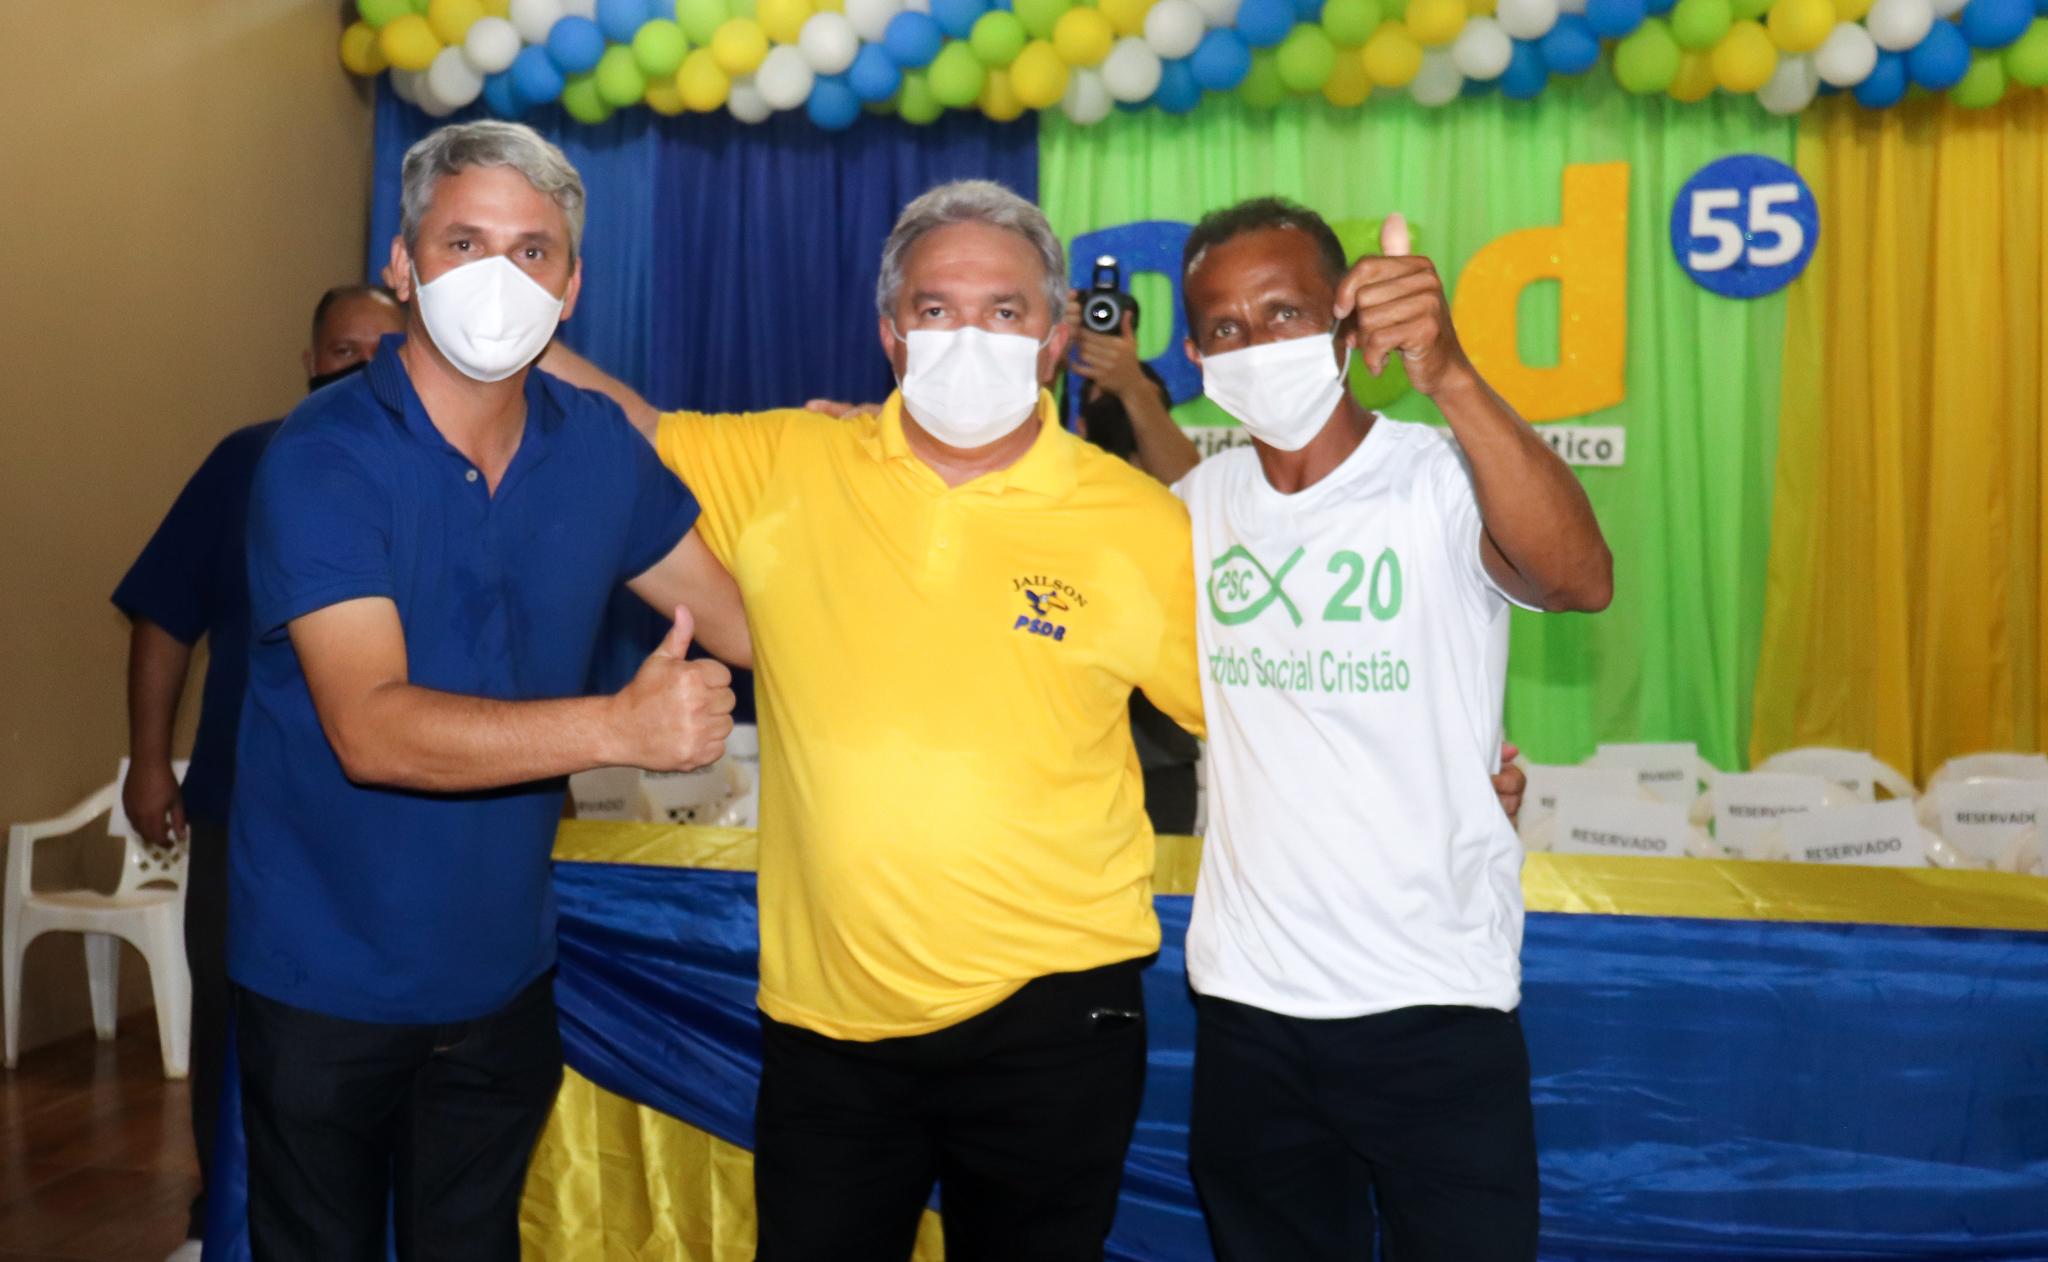 Chapa PSD-PSC oficializa candidatura que terá apoio do prefeito de Mojuí dos Campos